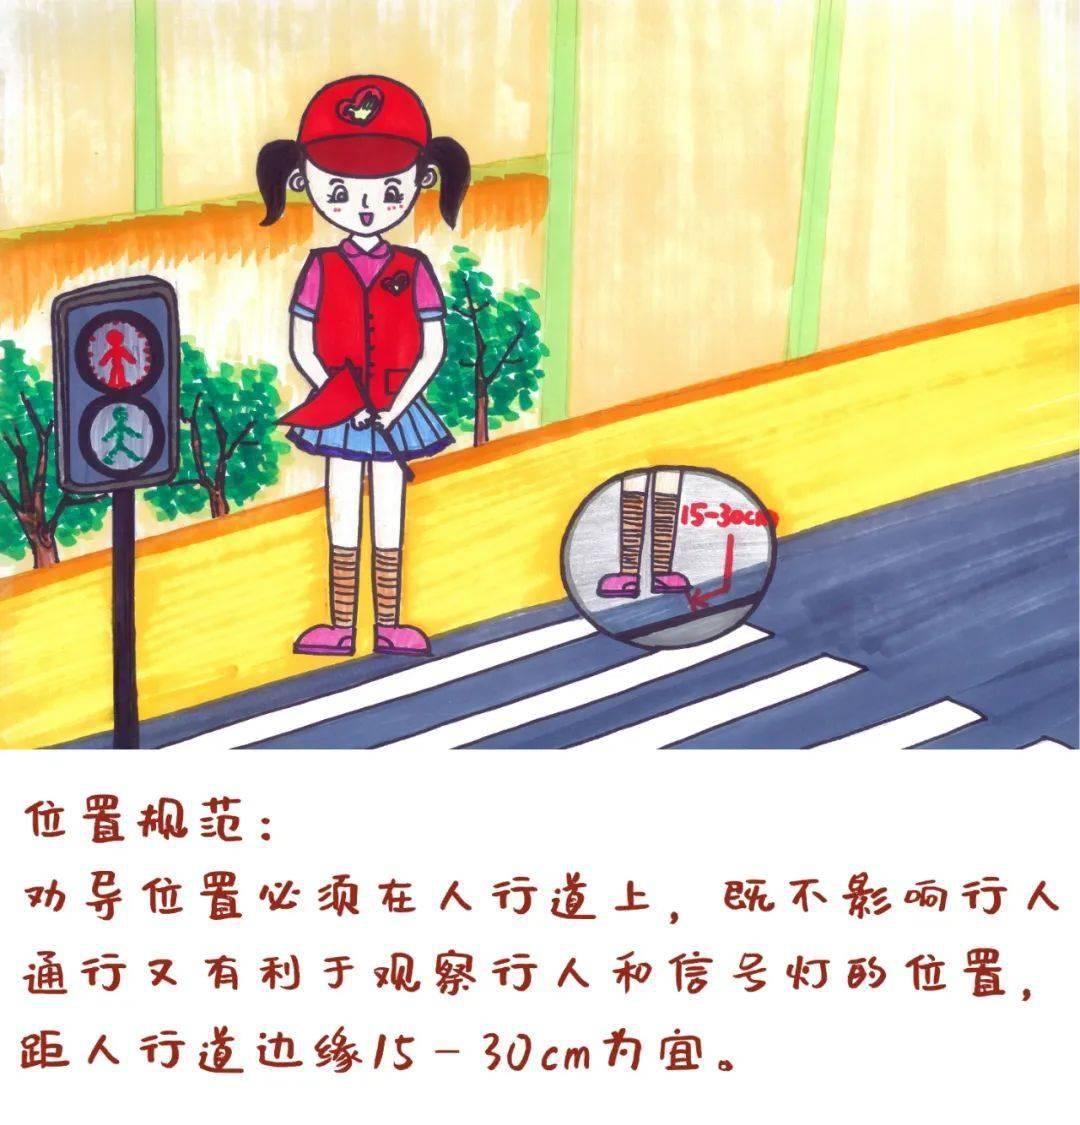 文明交通从我做起_文明交通漫画_文明交通常识